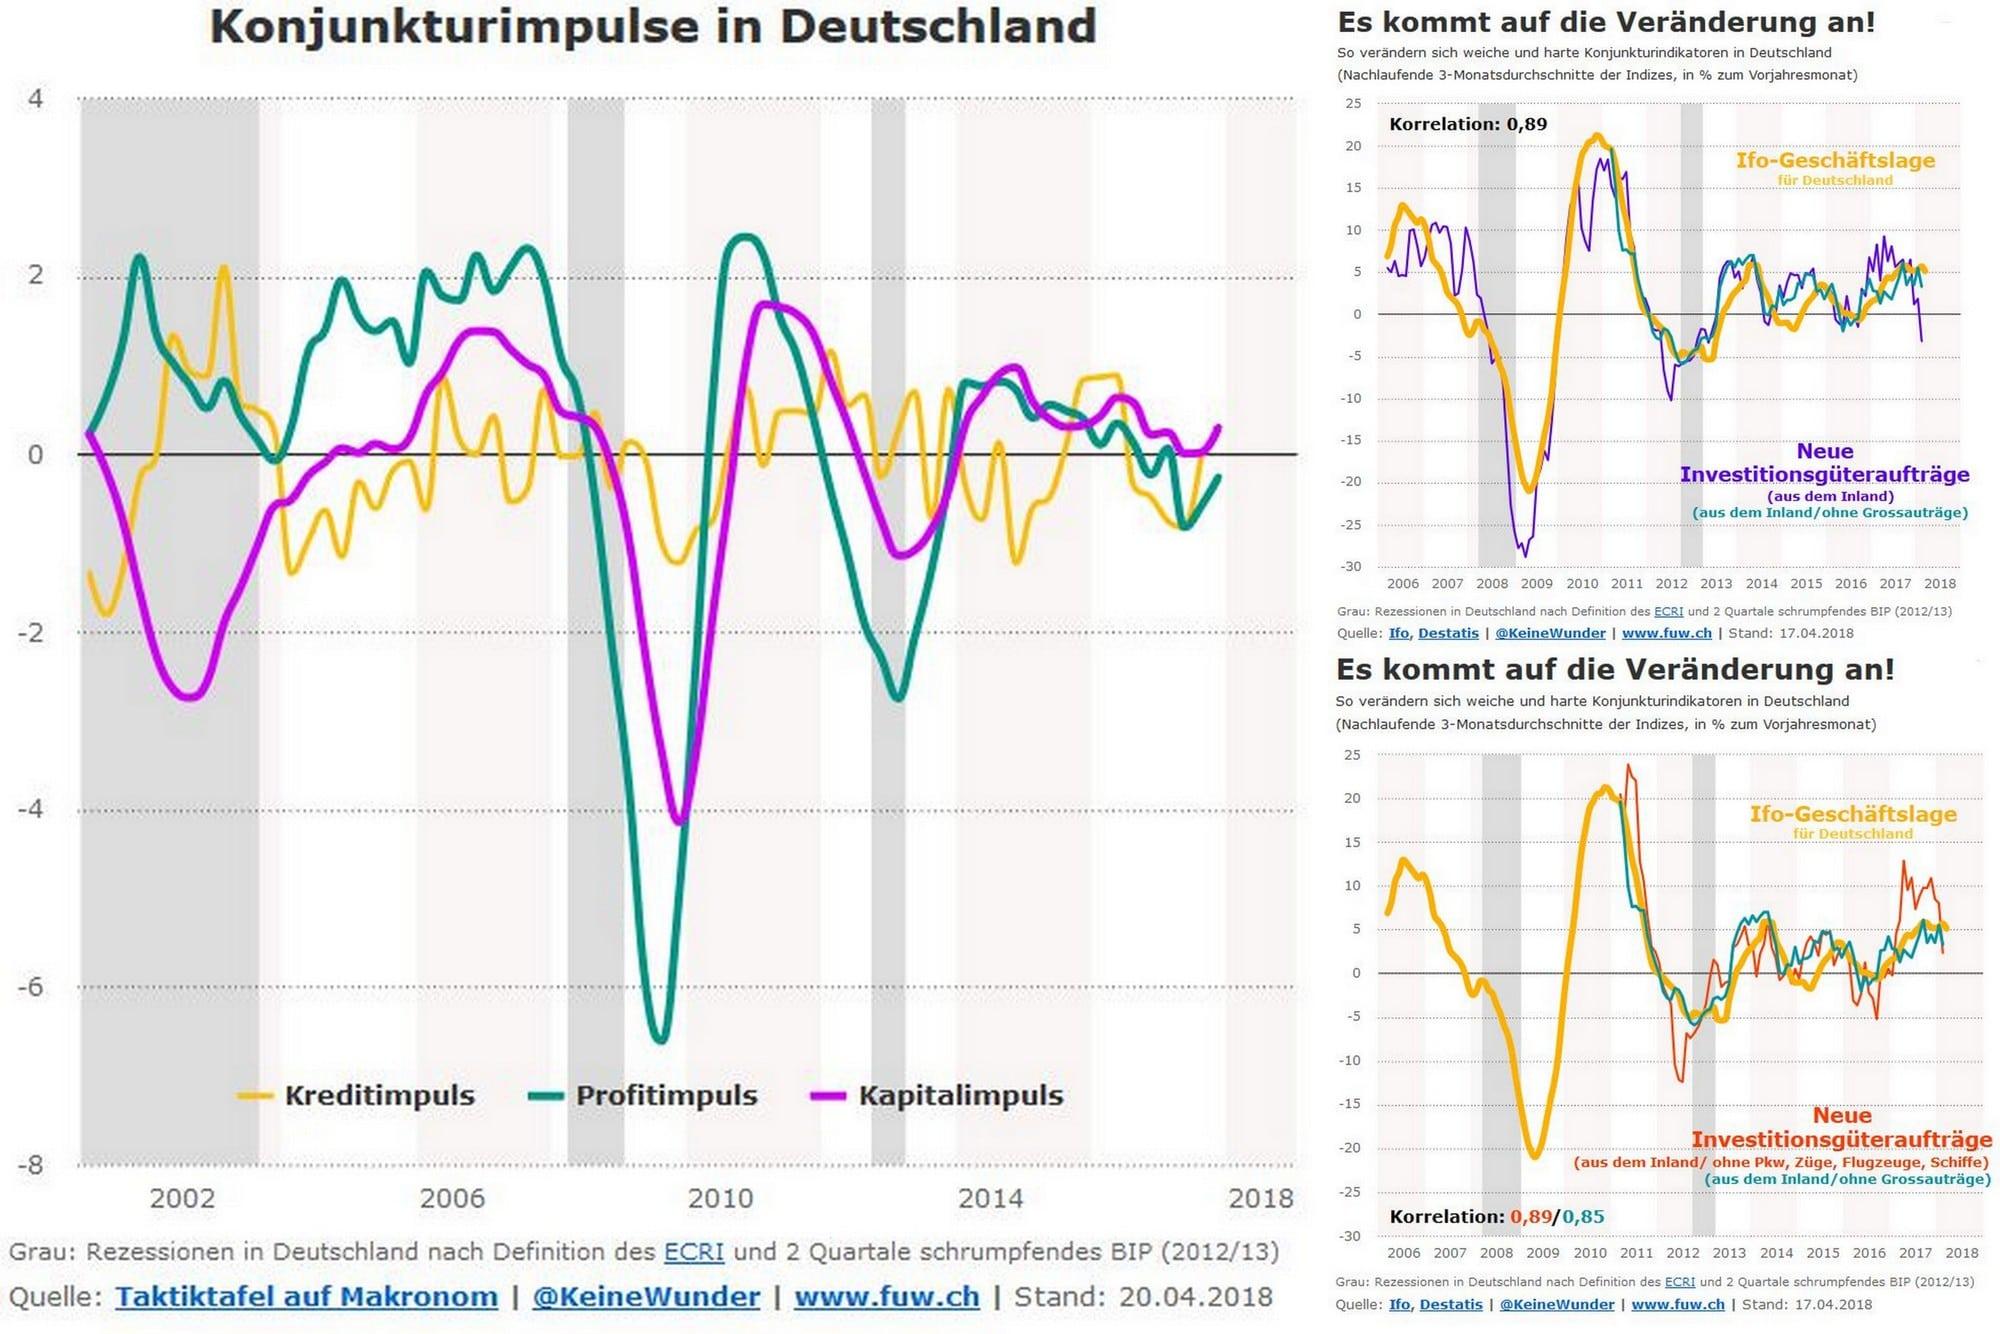 Konjunktur: In Deutschland platzt gerade eine Auftragsblase